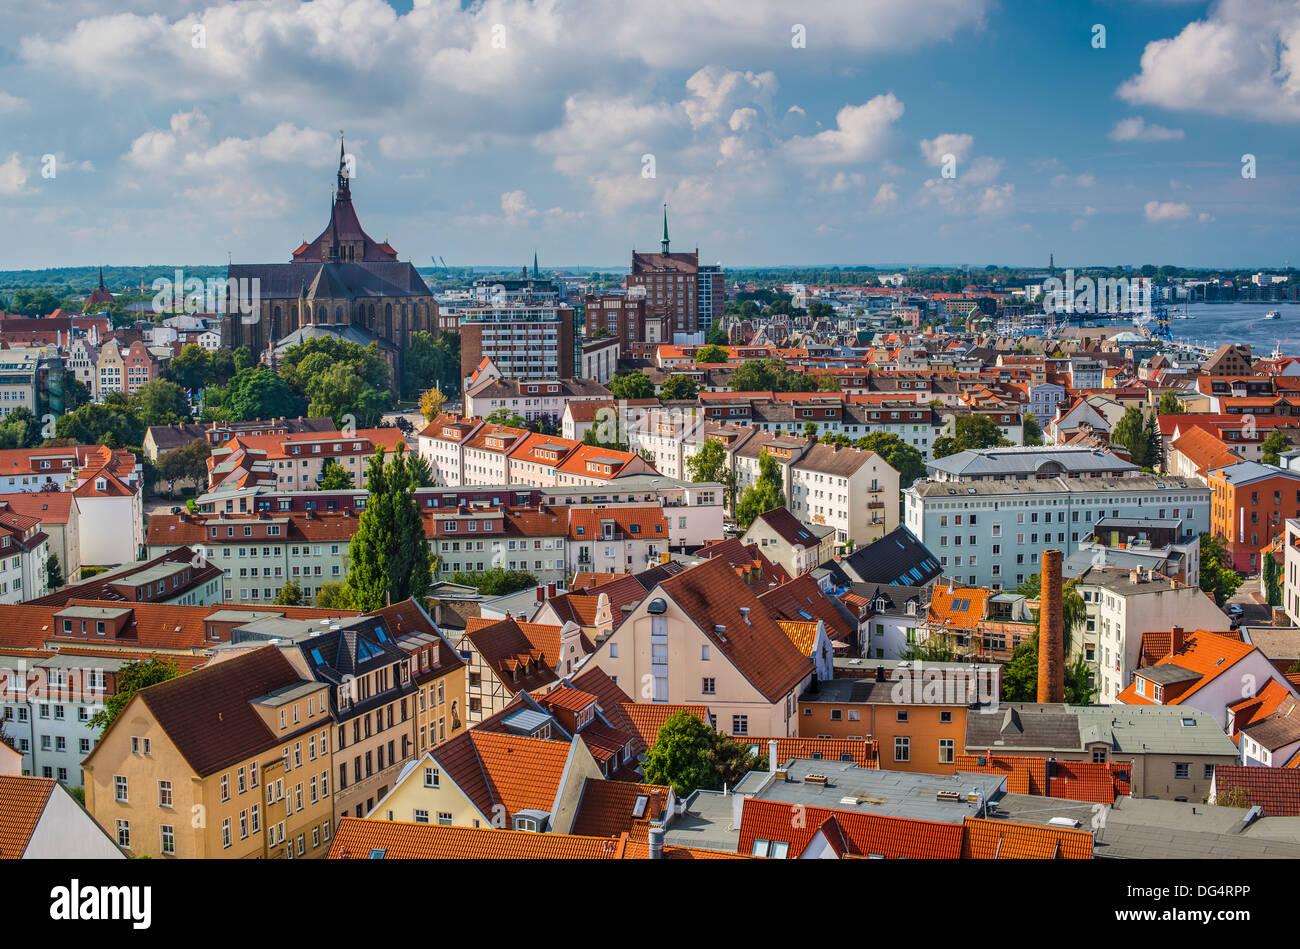 Rostock, Germania lo skyline della citta'. Immagini Stock